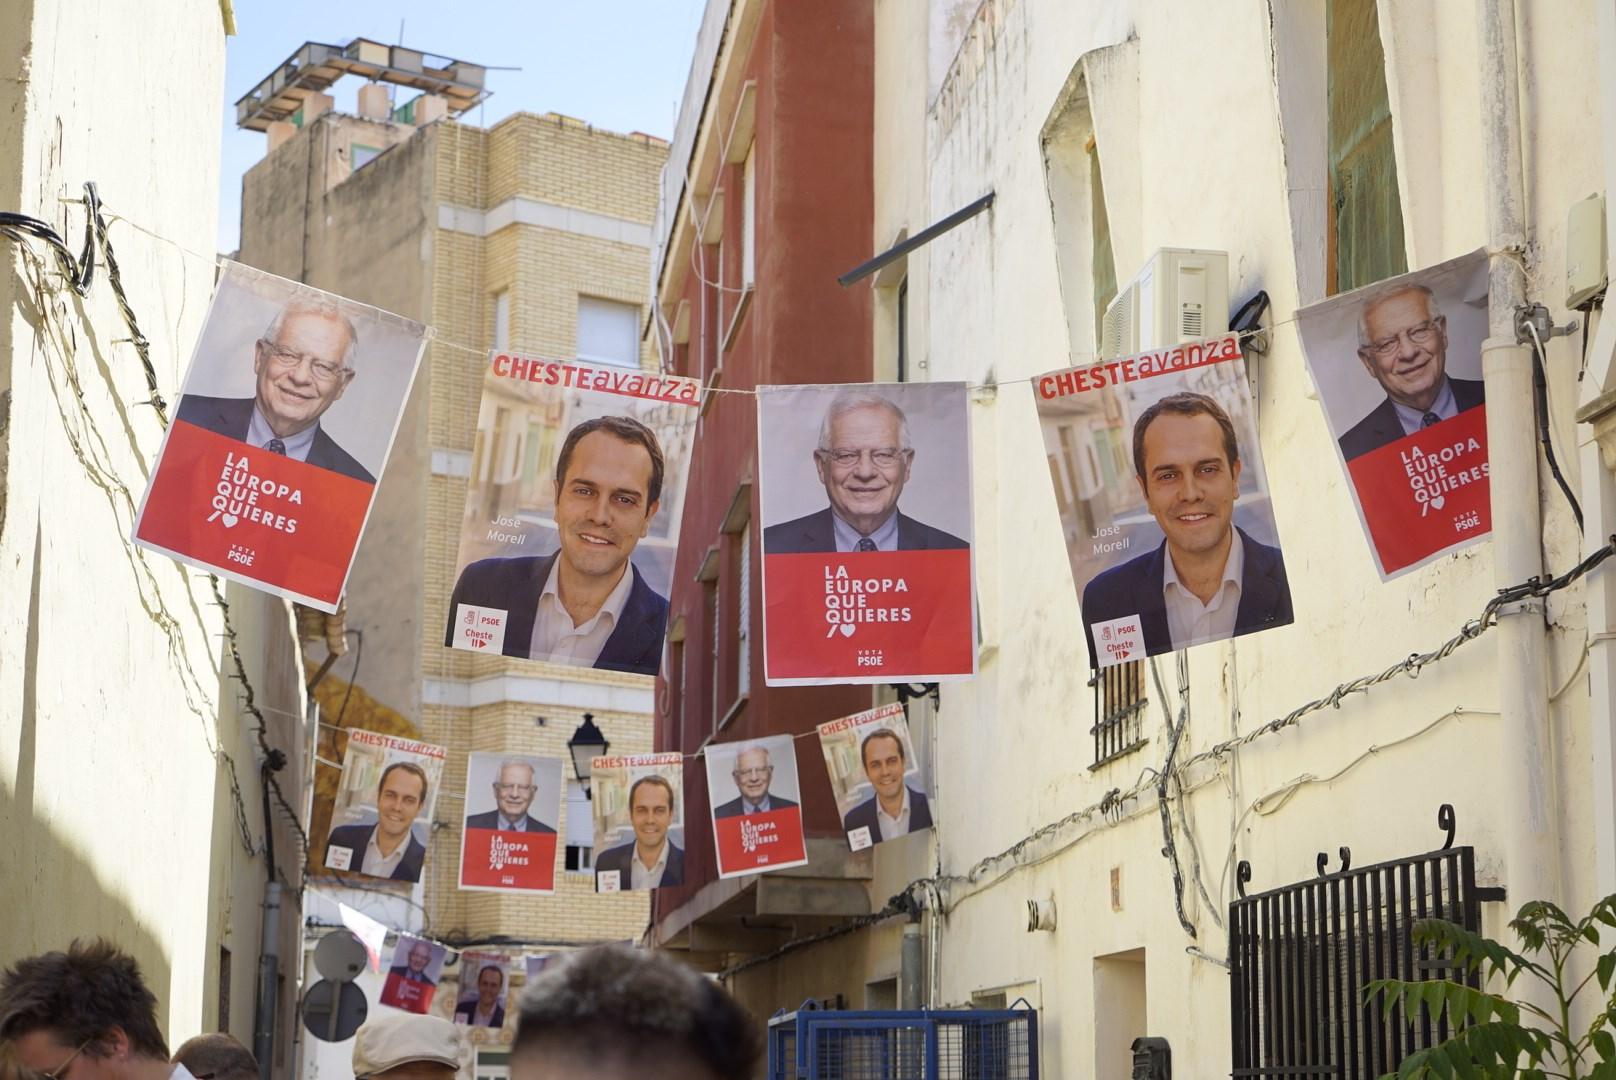 El PSOE ha sido la opción más votada en las elecciones europeas en Cheste.